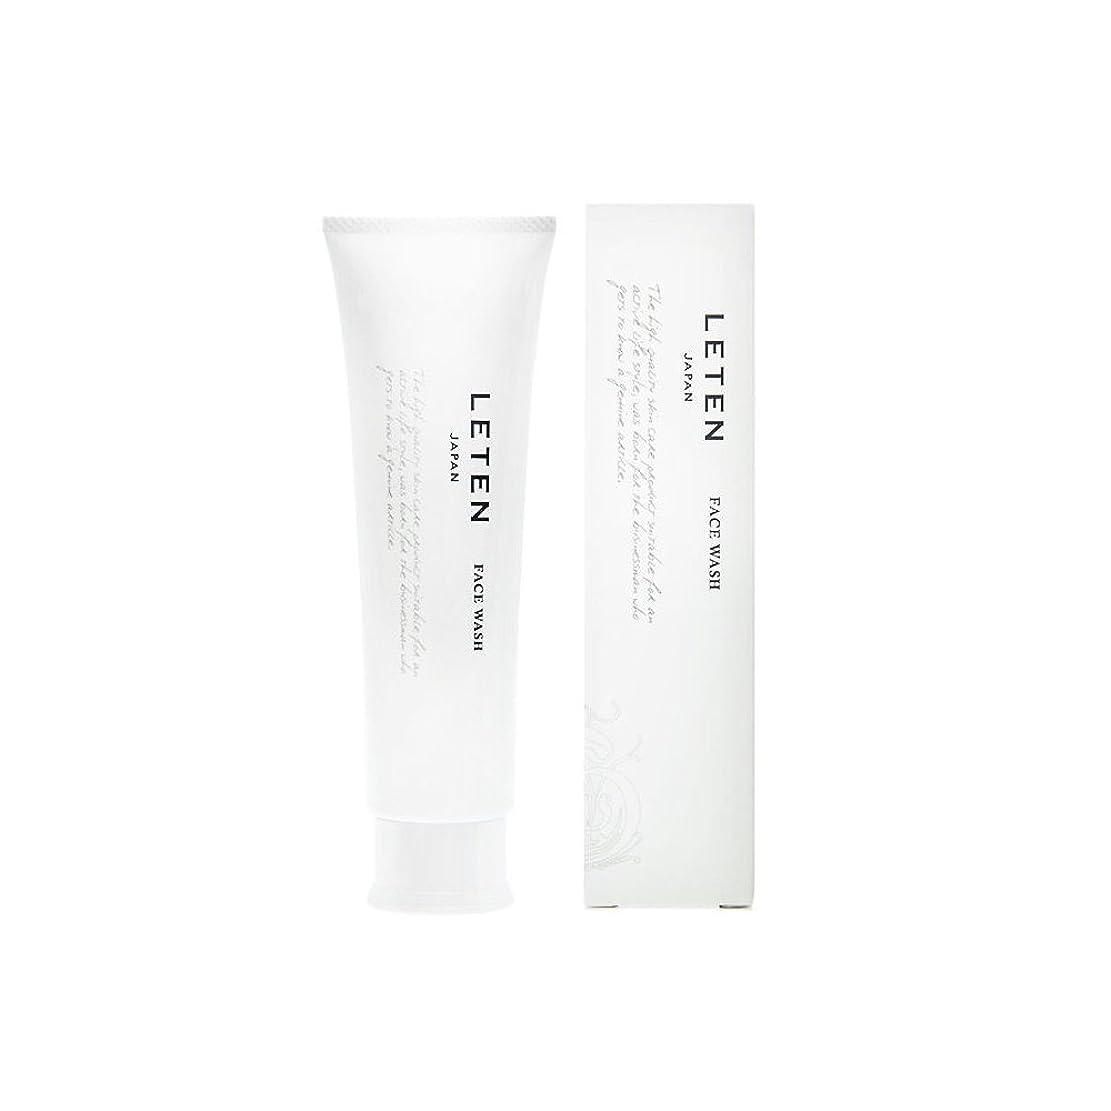 バッジりスポンジレテン (LETEN) フェイスウォッシュ 100g 洗顔フォーム 洗顔料 敏感肌